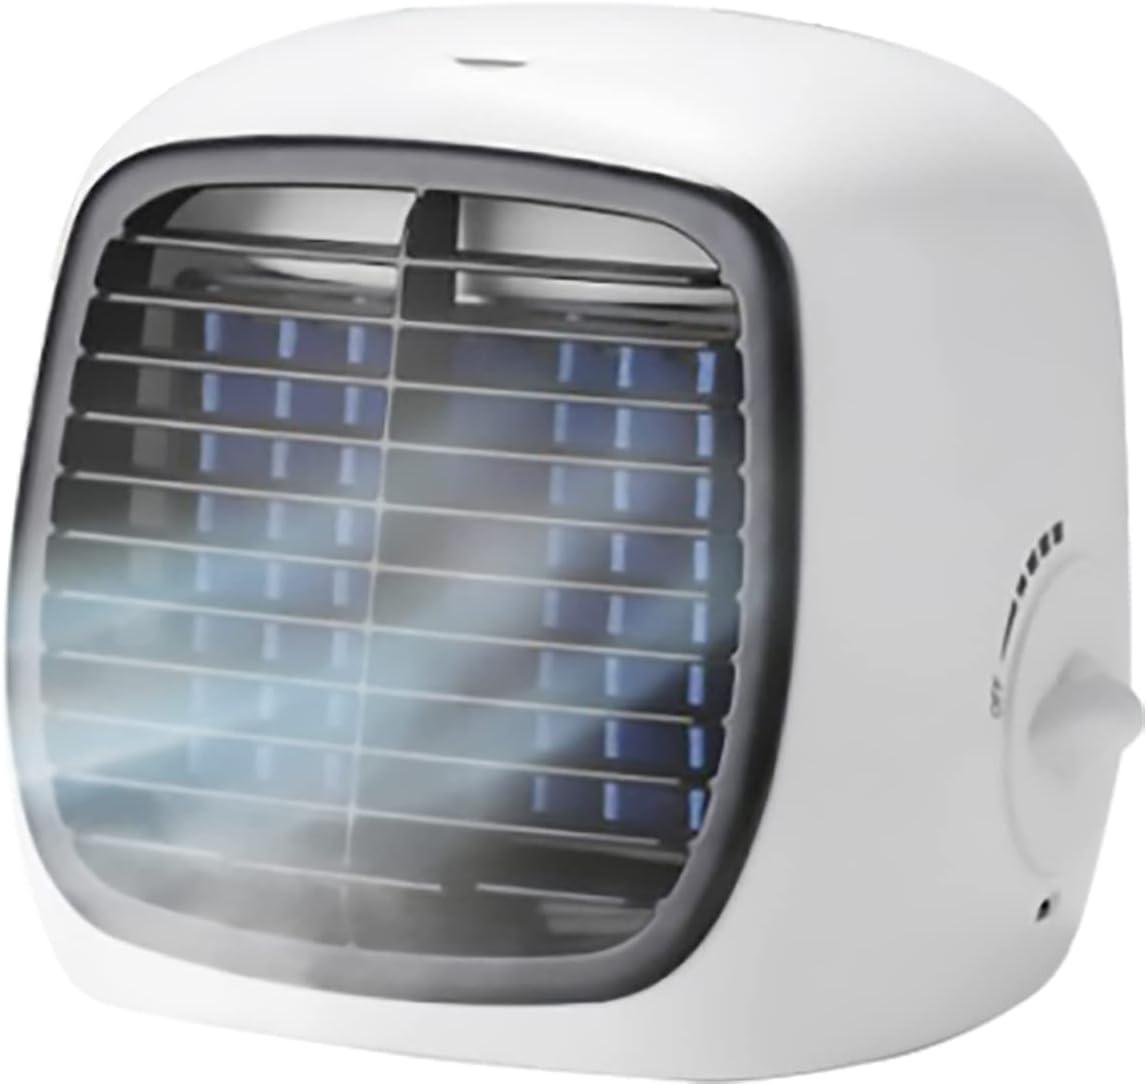 Portable Desk Air Regular store discount Cooler Personal Conditioner Fan Misti Mini